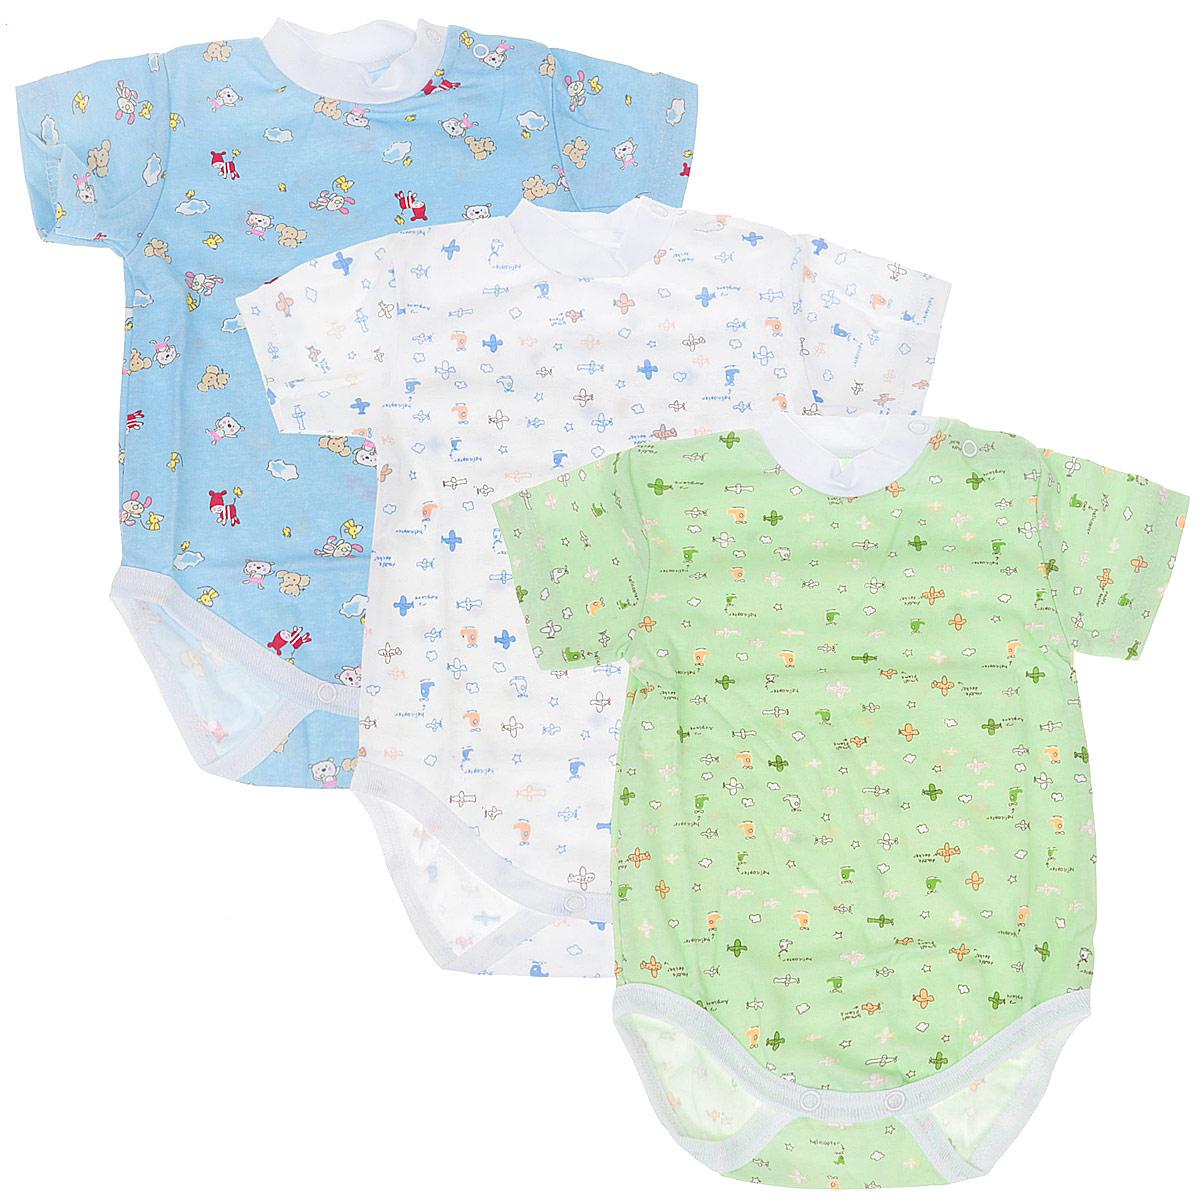 Боди-футболка для мальчика, 3 шт. 33-307м33-307мКомплект Фреш Стайл состоит из трех детских боди для мальчика. Выполненные из натурального хлопка, они мягкие и легкие, не раздражают нежную кожу ребенка и хорошо вентилируются. Боди с воротником-стойкой и короткими рукавами имеют удобные застежки-кнопки на плече и на ластовице, которые помогают легко переодеть младенца или сменить подгузник. Воротник изготовлен из мягкой трикотажной резинки. Украшены боди яркими рисунками. Боди полностью соответствуют особенностям жизни малыша в ранний период, не стесняя и не ограничивая его в движениях!